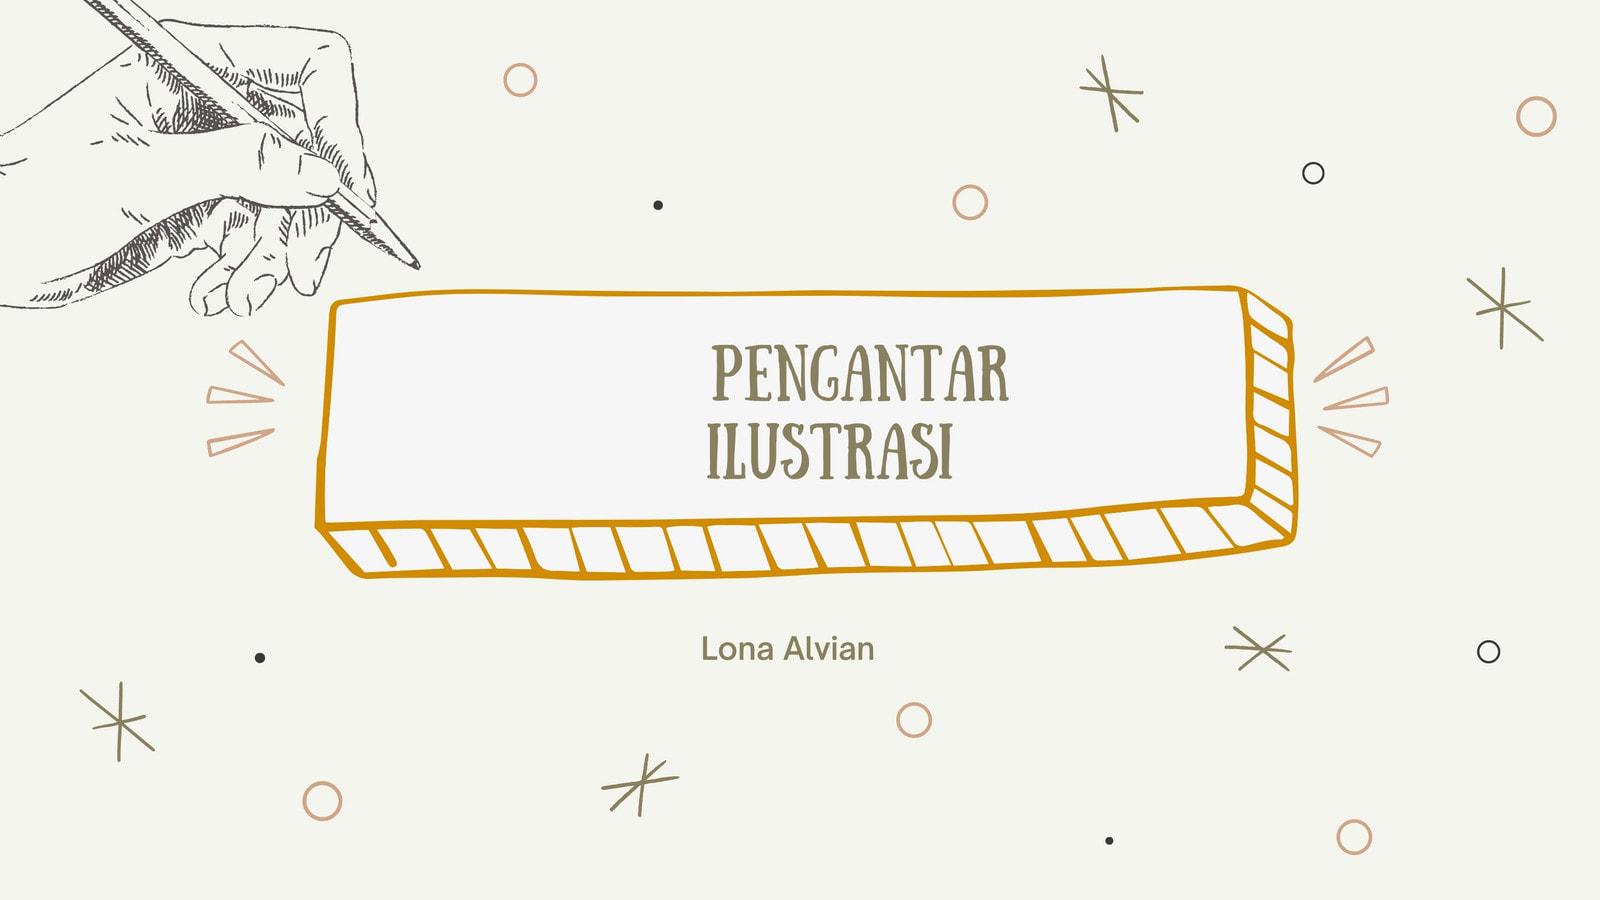 Presentasi Seni Visual Ilustrasi Menggambar Digambar Tangan Emas dan Hijau